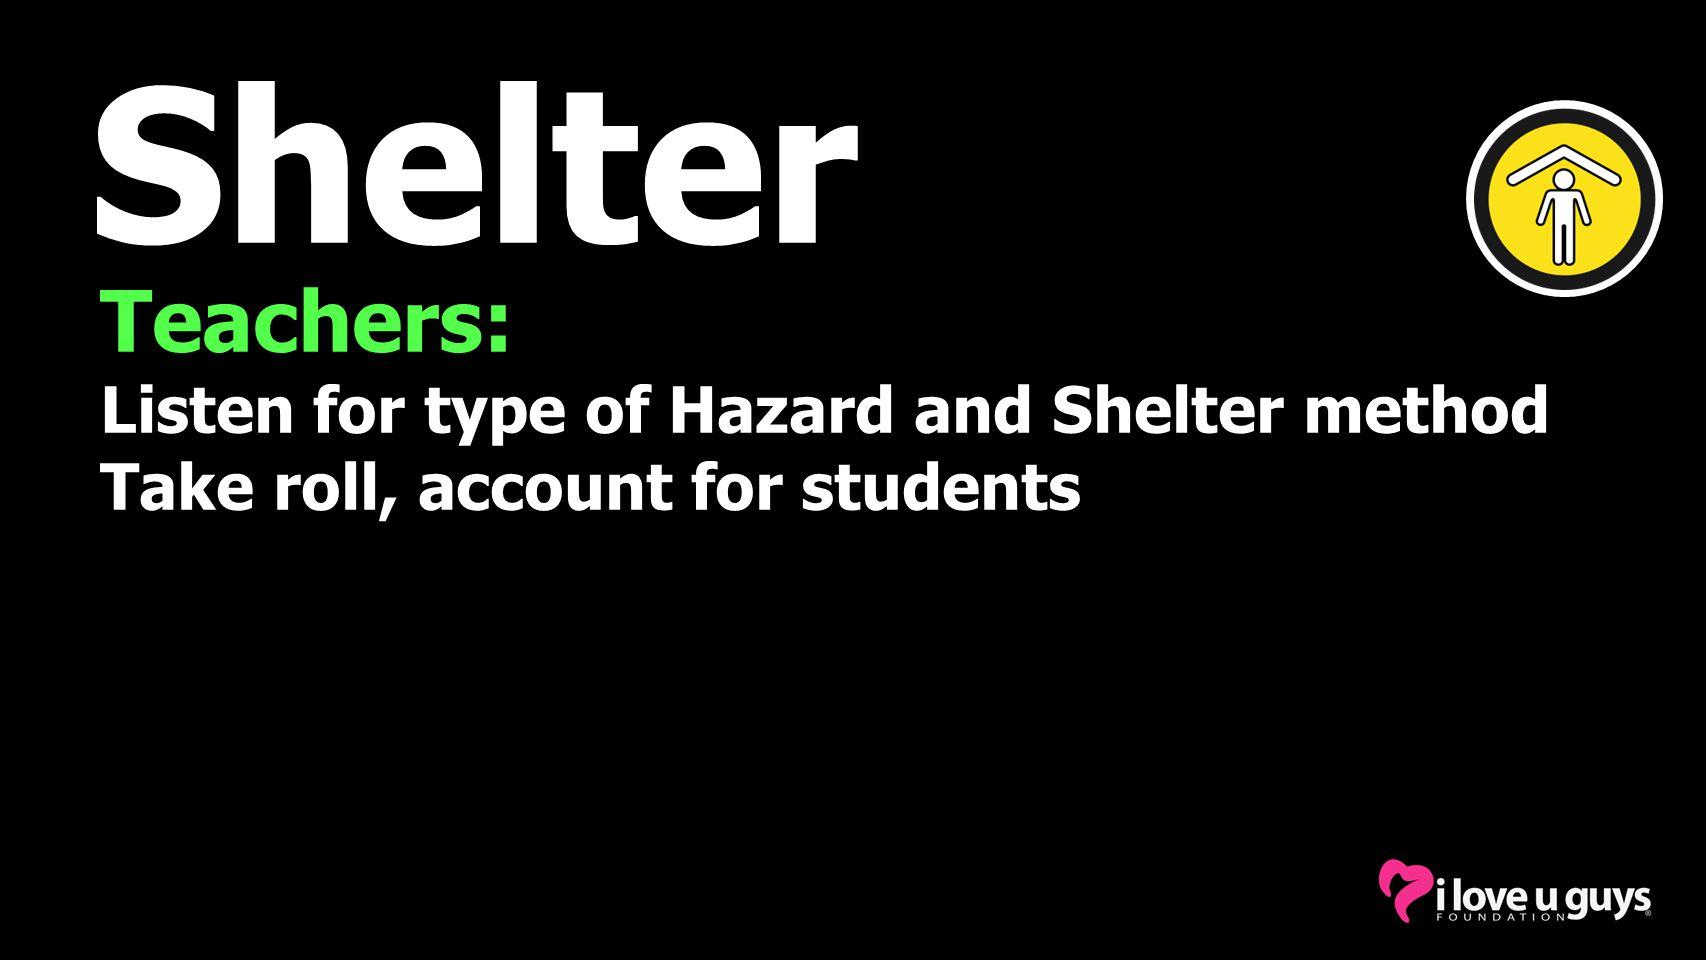 Shelter Teachers: Listen for type of Hazard and Shelter method